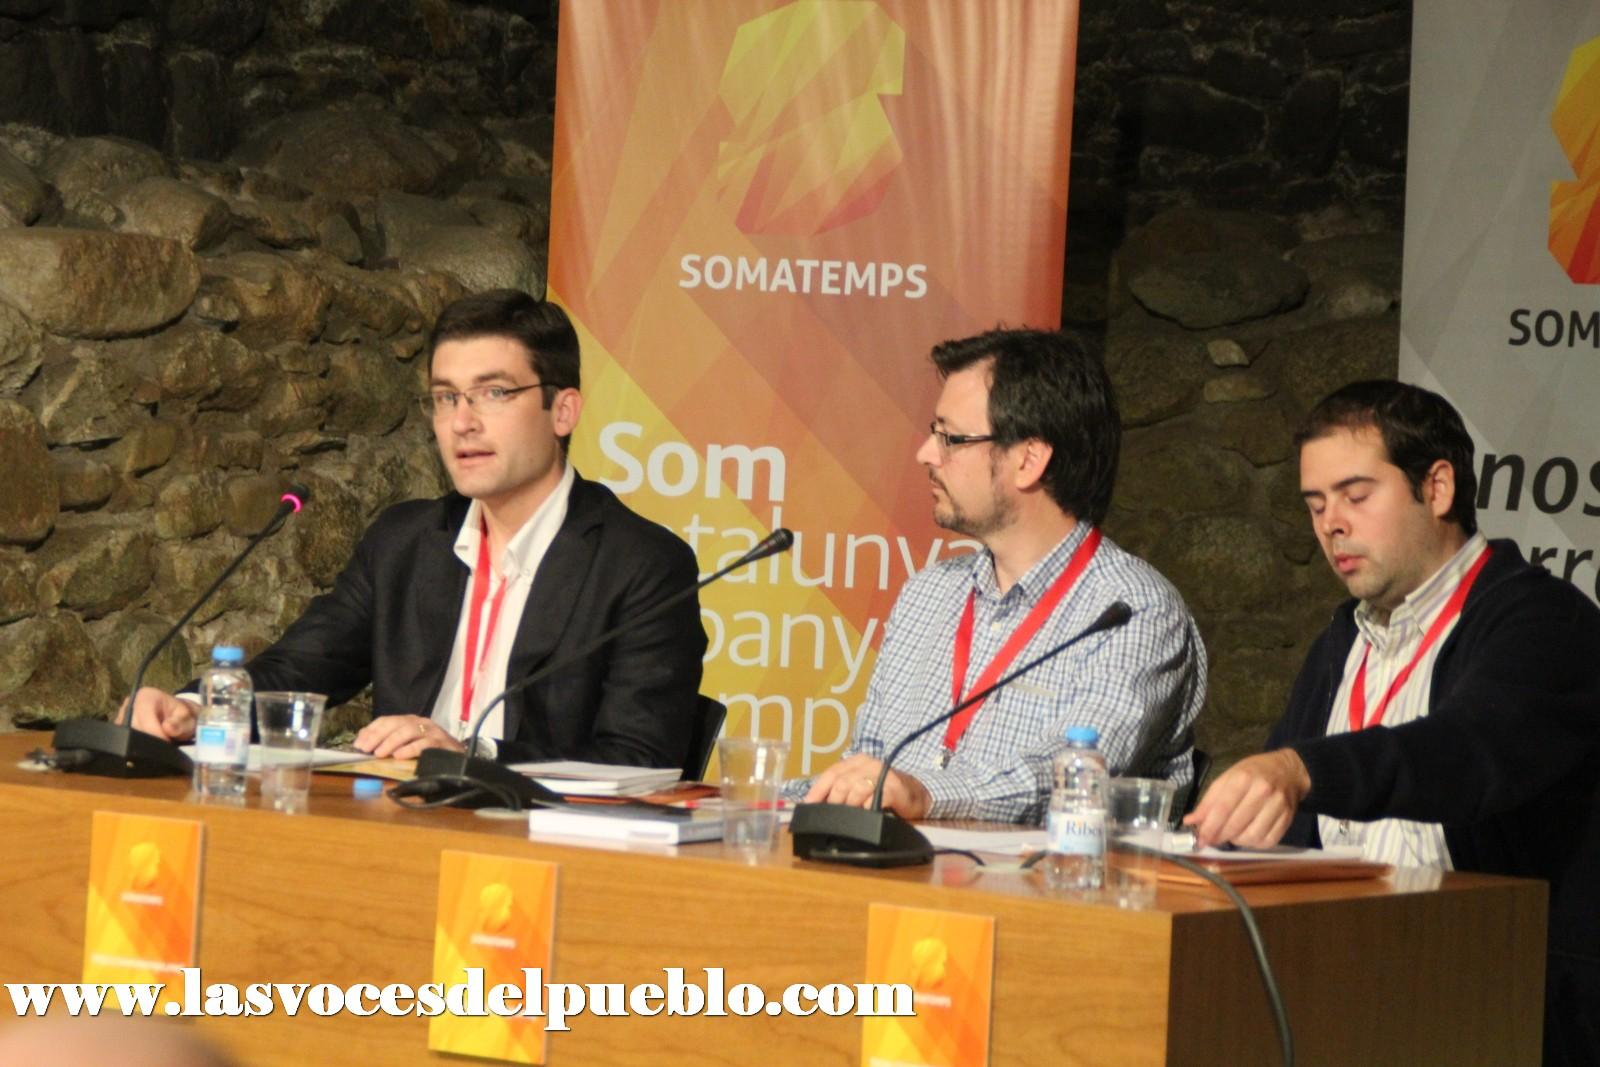 las voces del pueblo_I Congreso de Somatemps_Ripoll_Gerona (77)